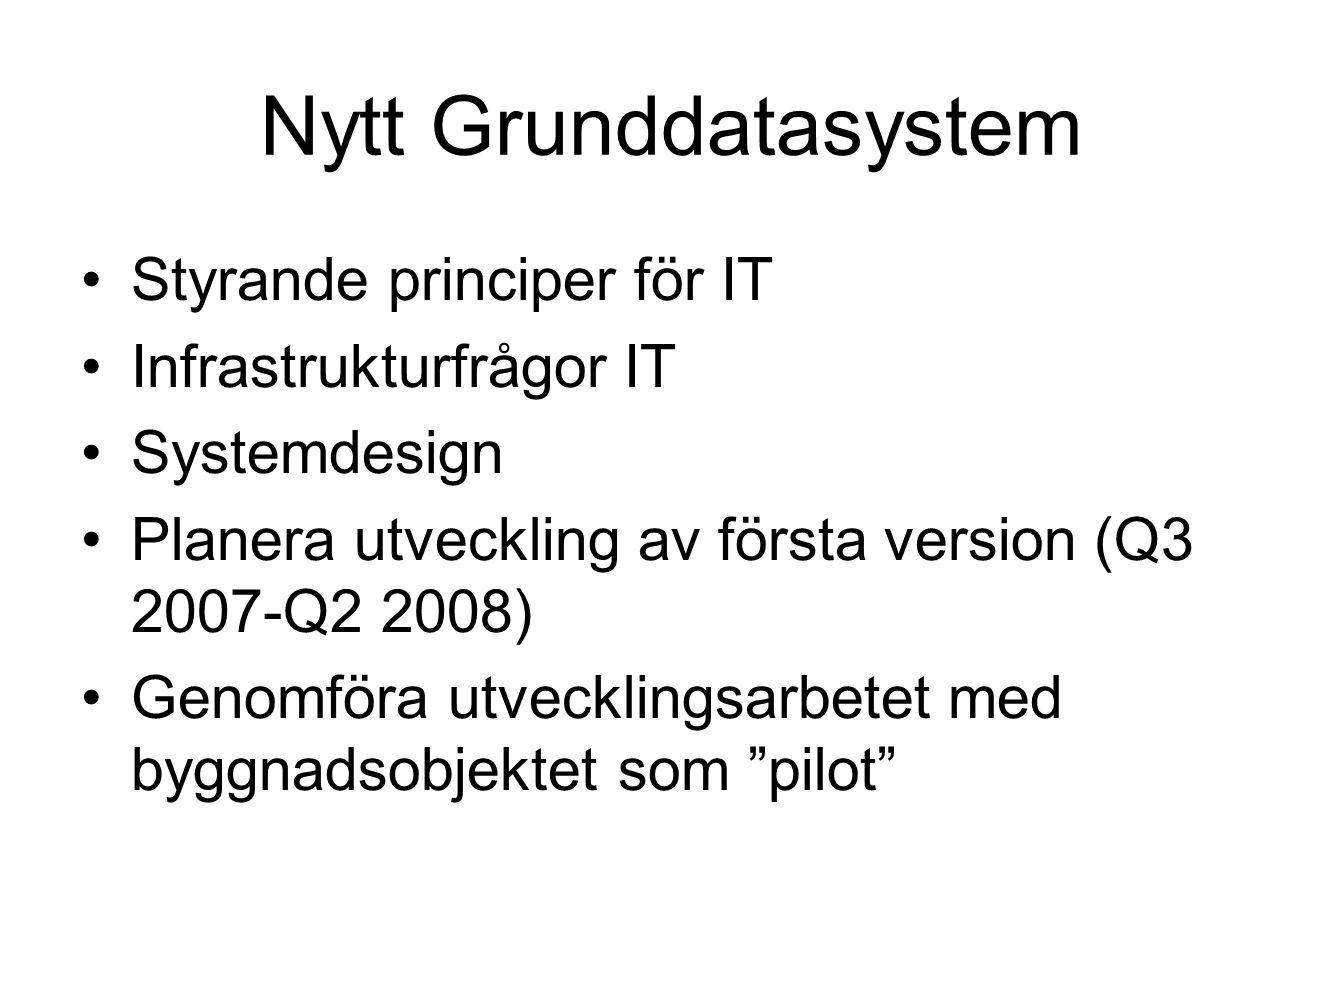 Nytt Grunddatasystem Styrande principer för IT Infrastrukturfrågor IT Systemdesign Planera utveckling av första version (Q3 2007-Q2 2008) Genomföra utvecklingsarbetet med byggnadsobjektet som pilot